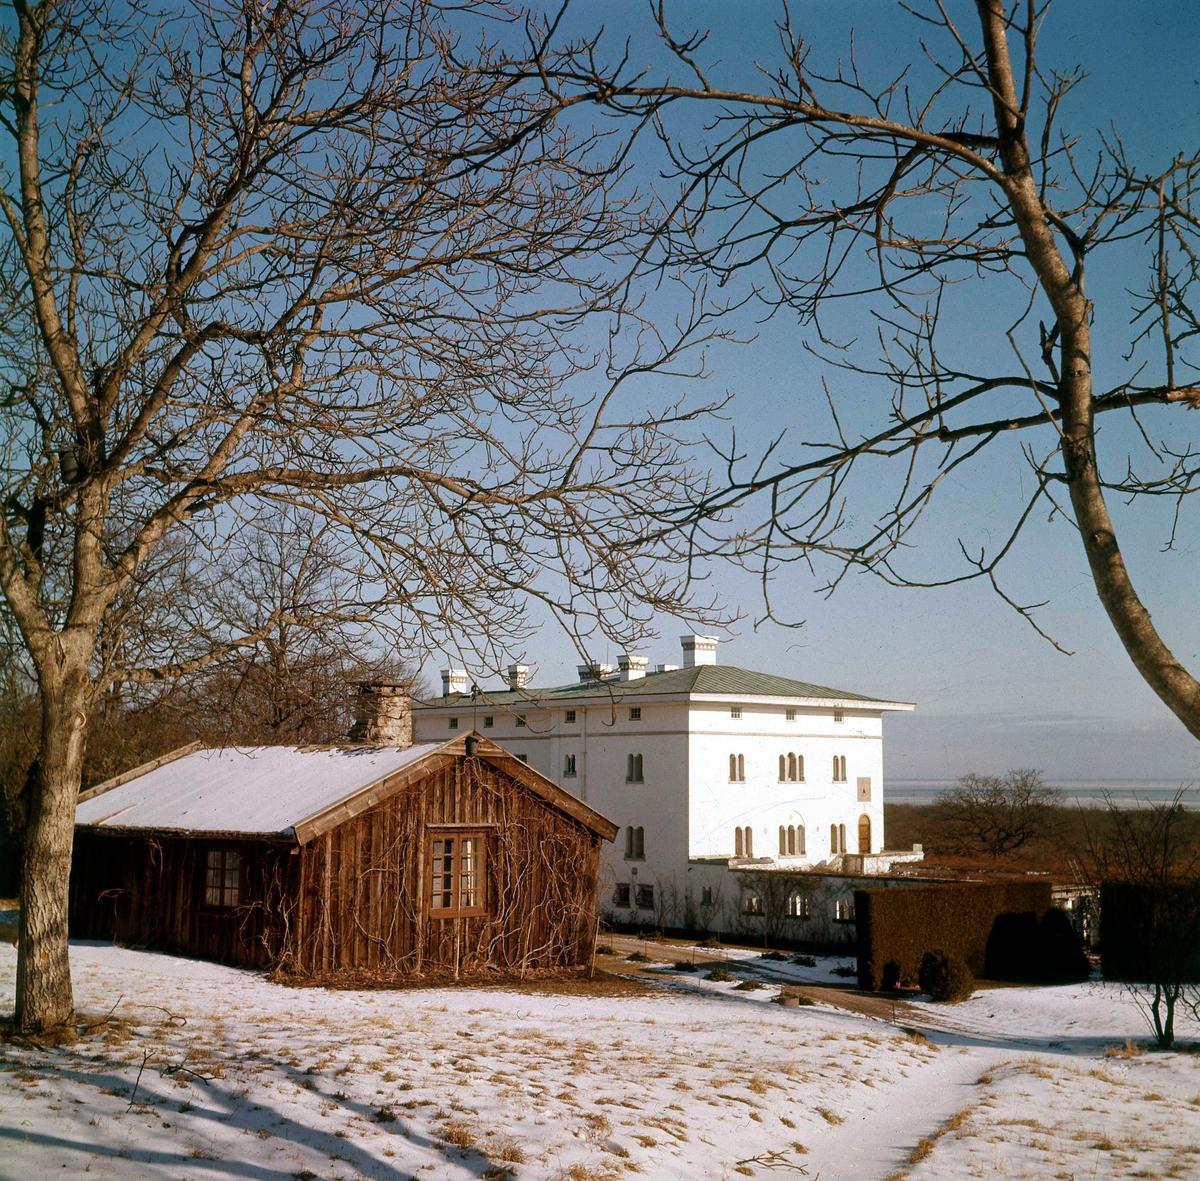 Solliden är en svensk slottsliknande villa på Öland. Den är svenska kungafamiljens sommarbostad och kung Carl XVI Gustafs privata egendom. Solliden är belägen i Räpplinge socken, nära Borgholms slottsruin och stod färdigt 1906.